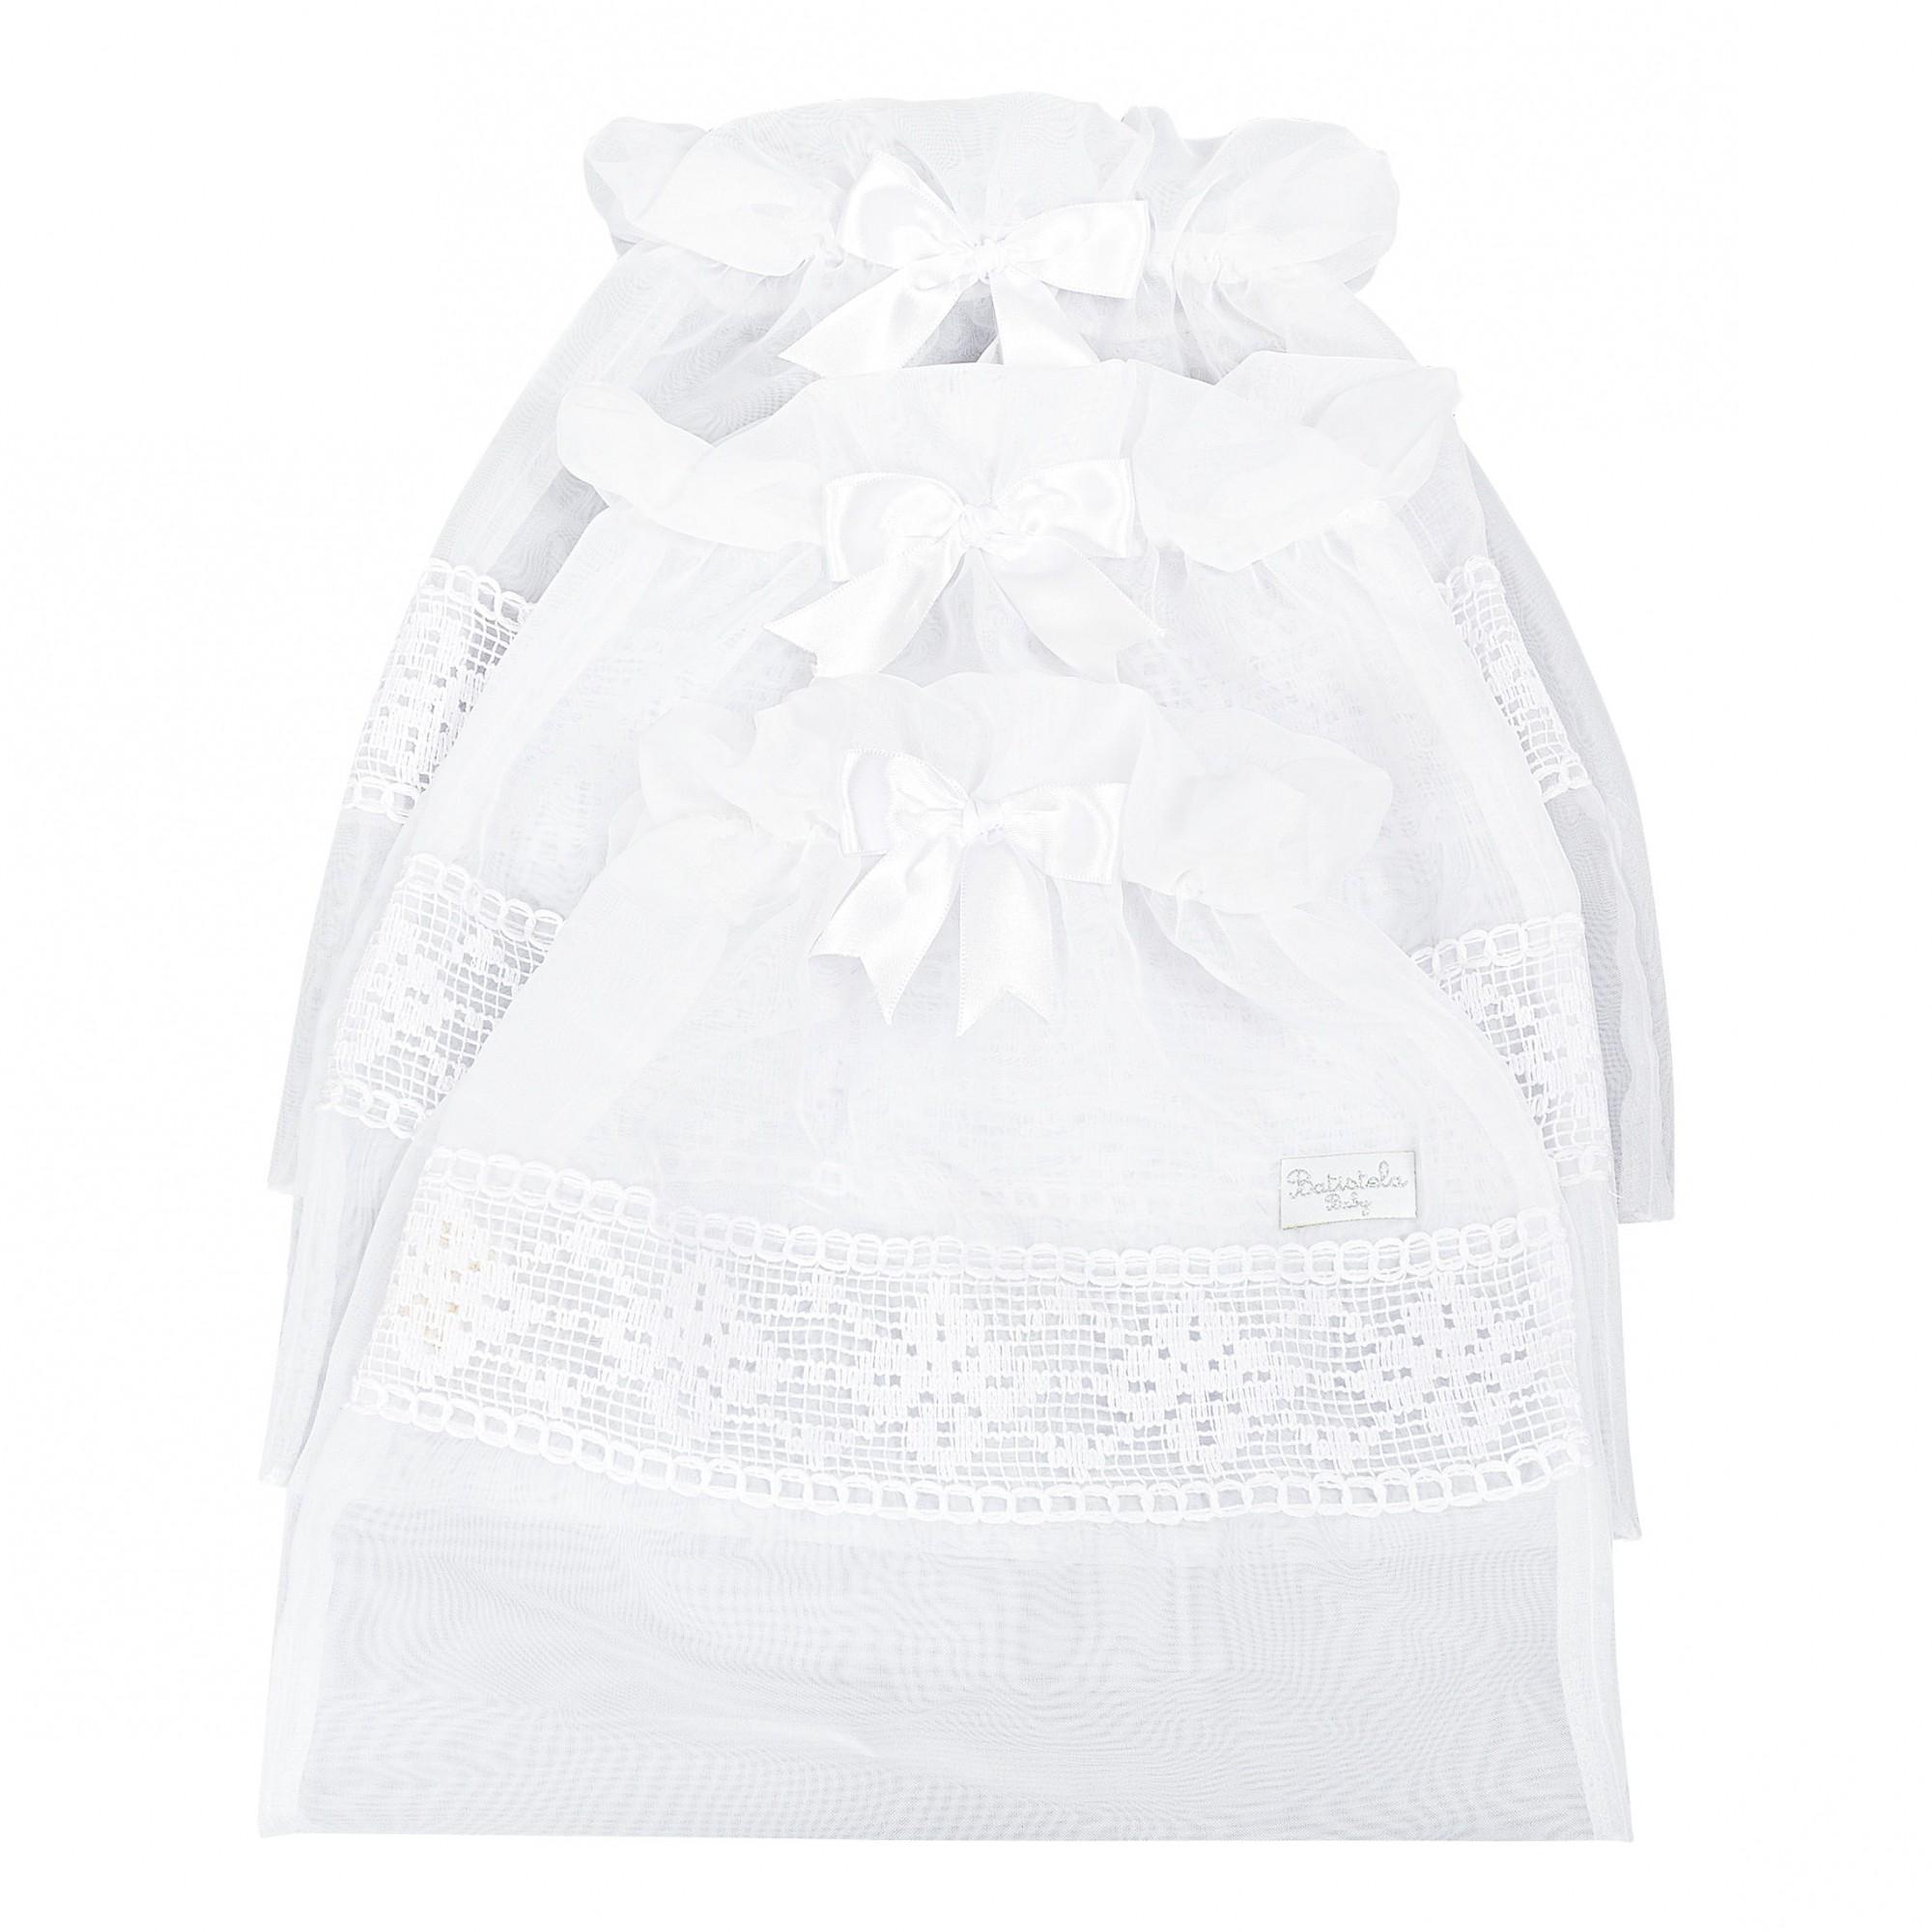 Saquinho Maternidade 3 Peças - Branco Batistela Baby